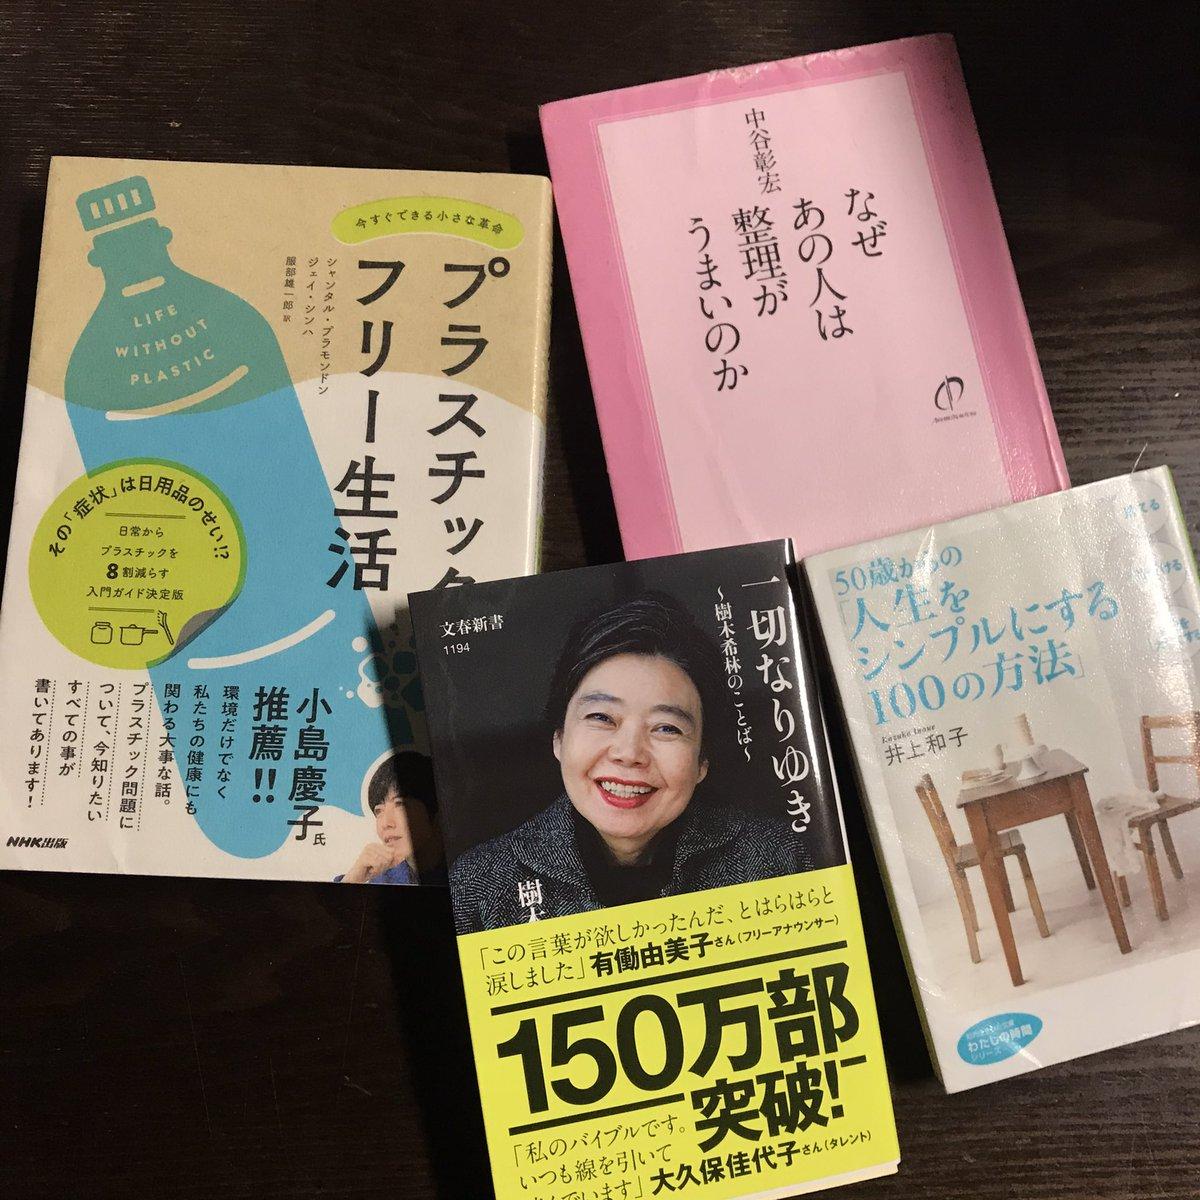 test ツイッターメディア - 図書館で借りて少しずつ読んでいる 中谷さんの本、大胆な書類の捨て方でビックリ😳ここまではなかなか出来ないが、触発され会社の不要な書類を処分しました(笑 樹木希林さんの本は買い 断捨離的な話としては、心や生活から無駄をなくし、すっきりと潔い生き方、敬服しています✨ https://t.co/fIayVDauBy